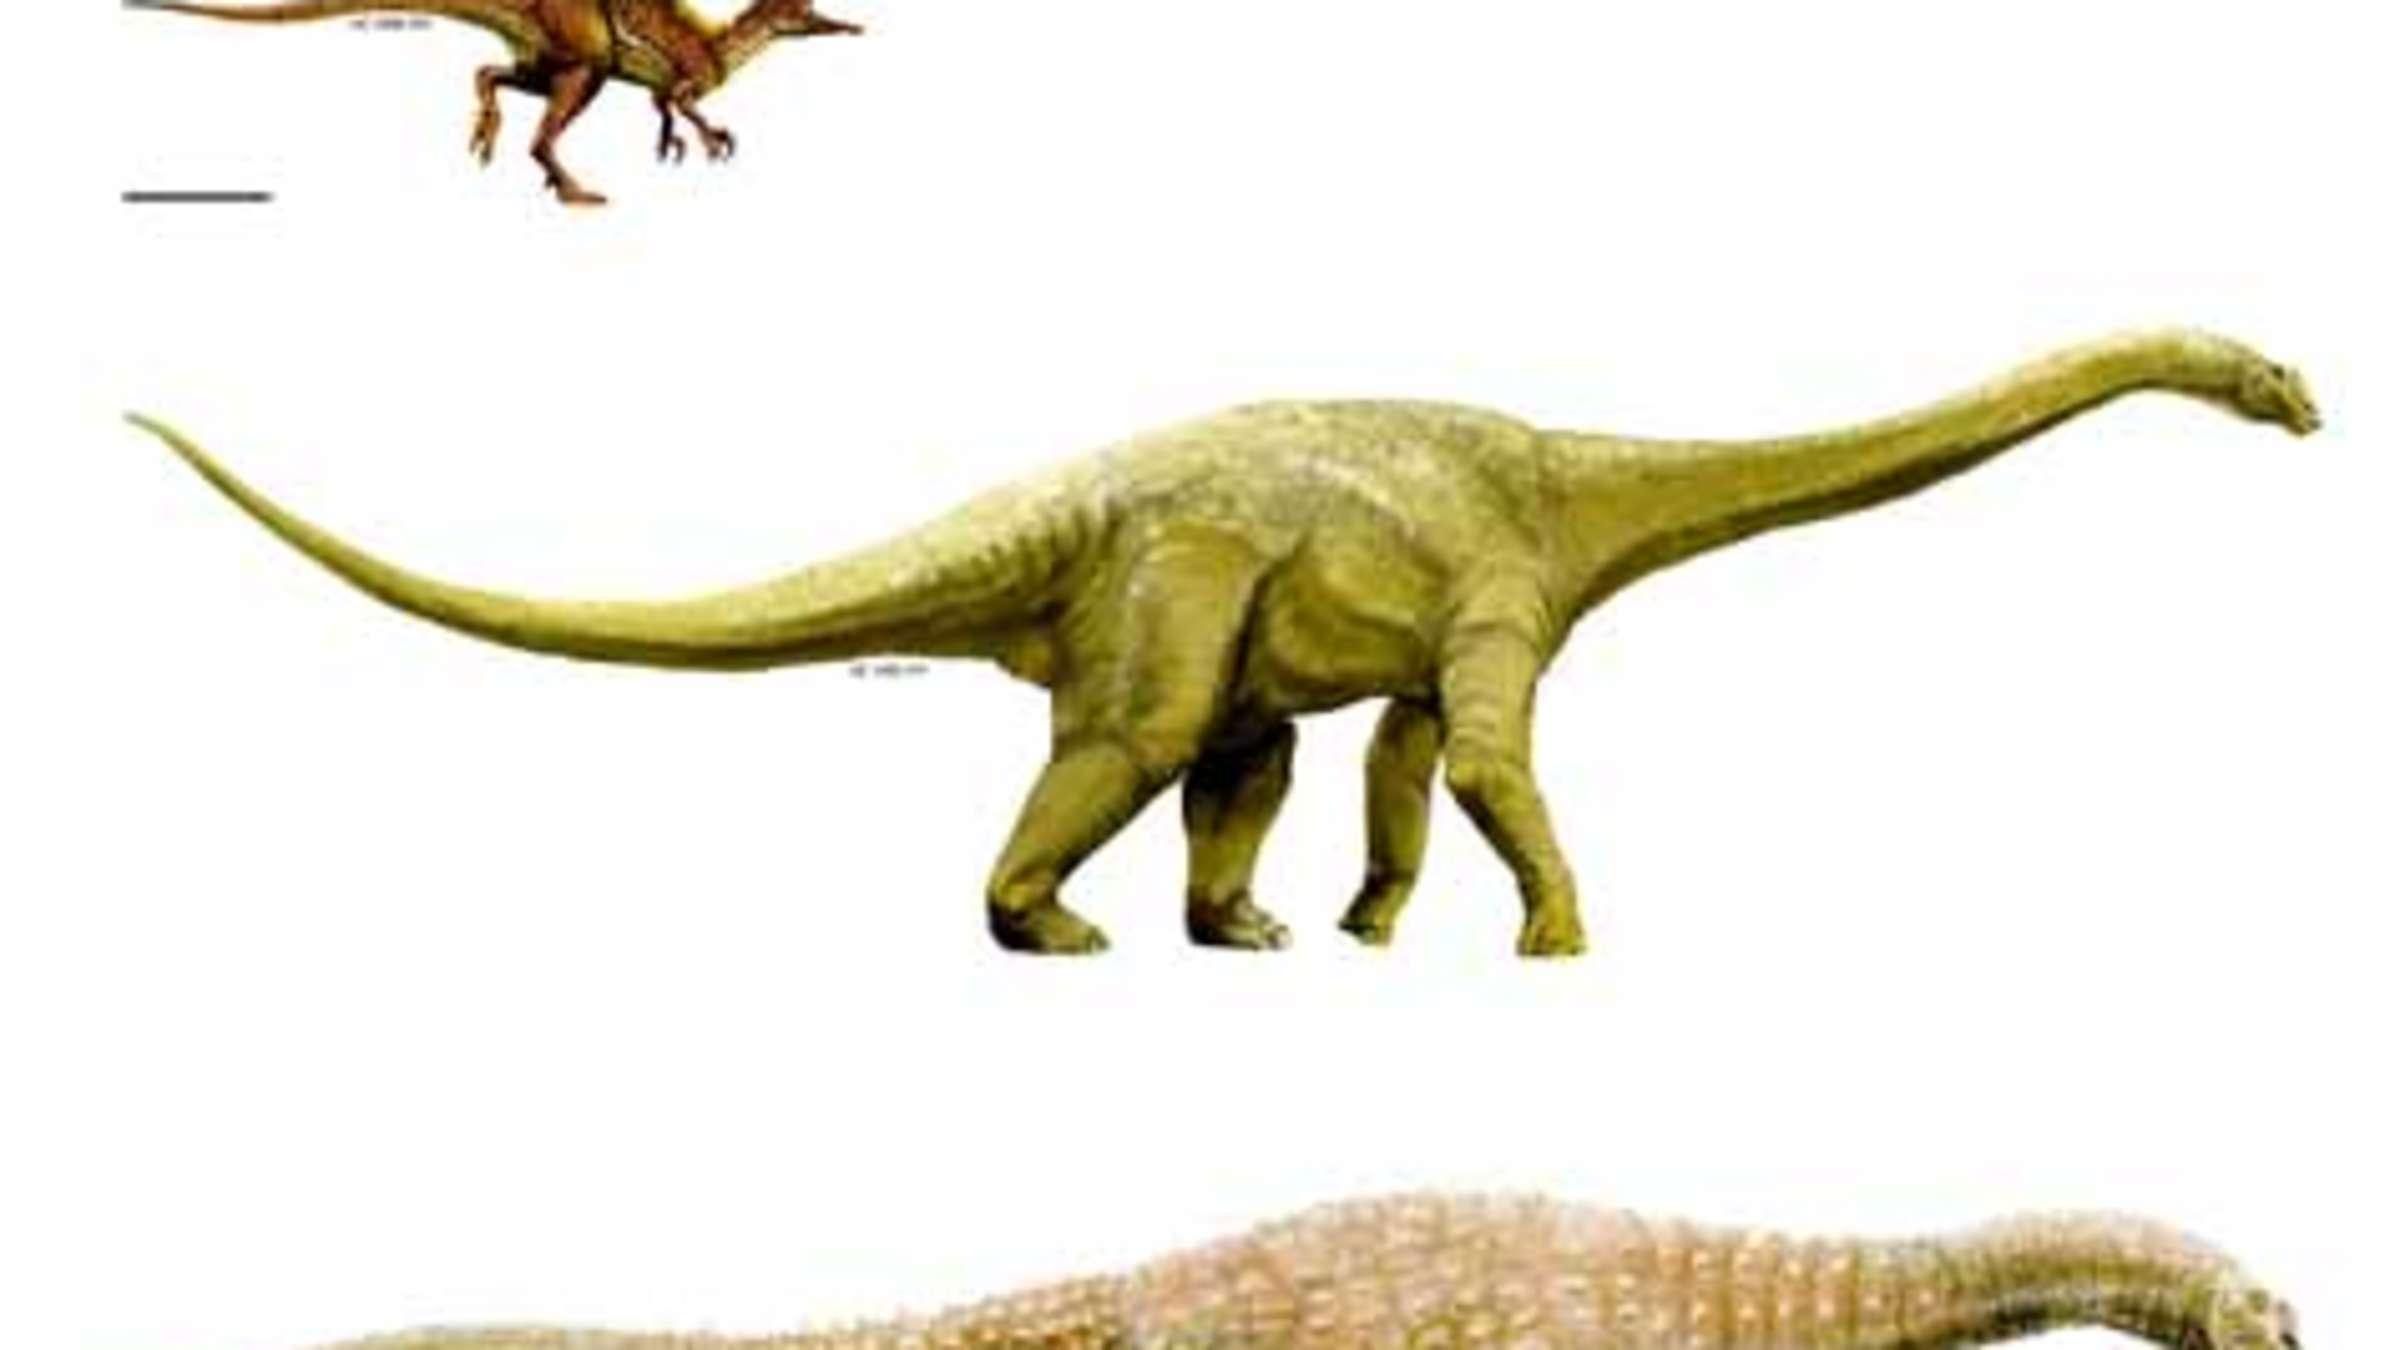 Drei Neue Dinosaurier-Arten In Australien Entdeckt   Welt bei Dinosaurier Namen Und Bilder